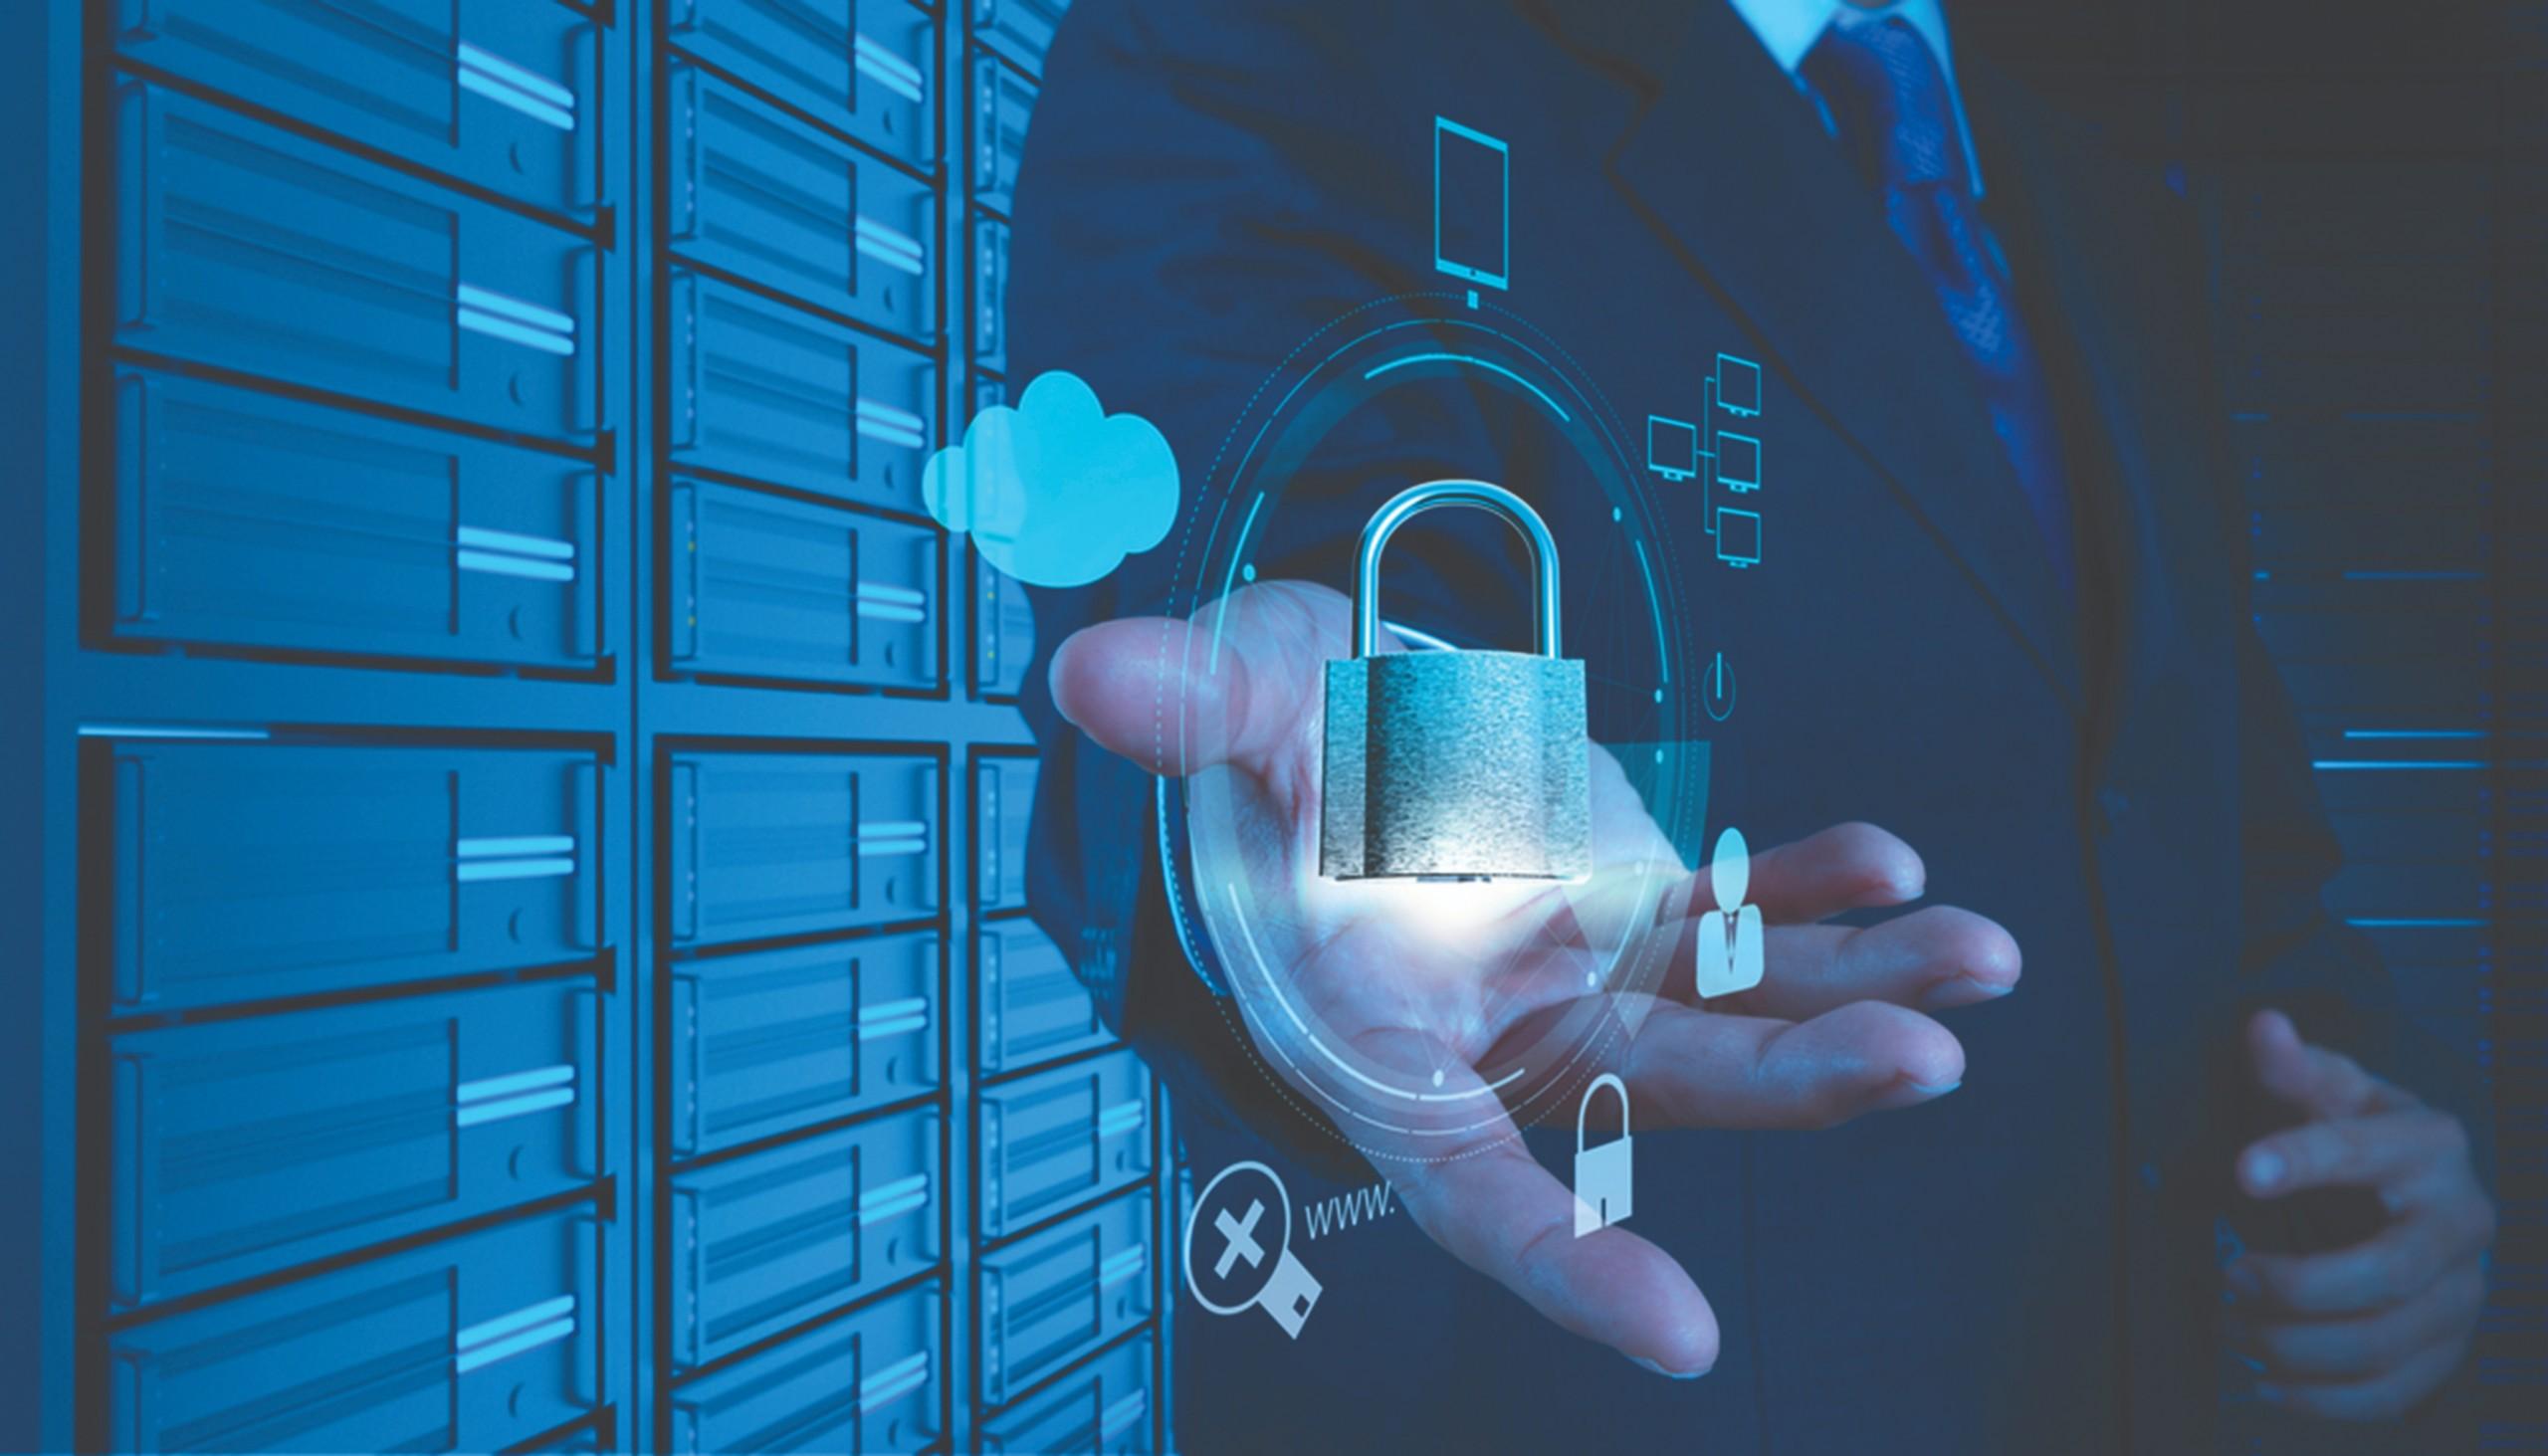 سیستم مدیریت امنیت اطلاعات   ISMS